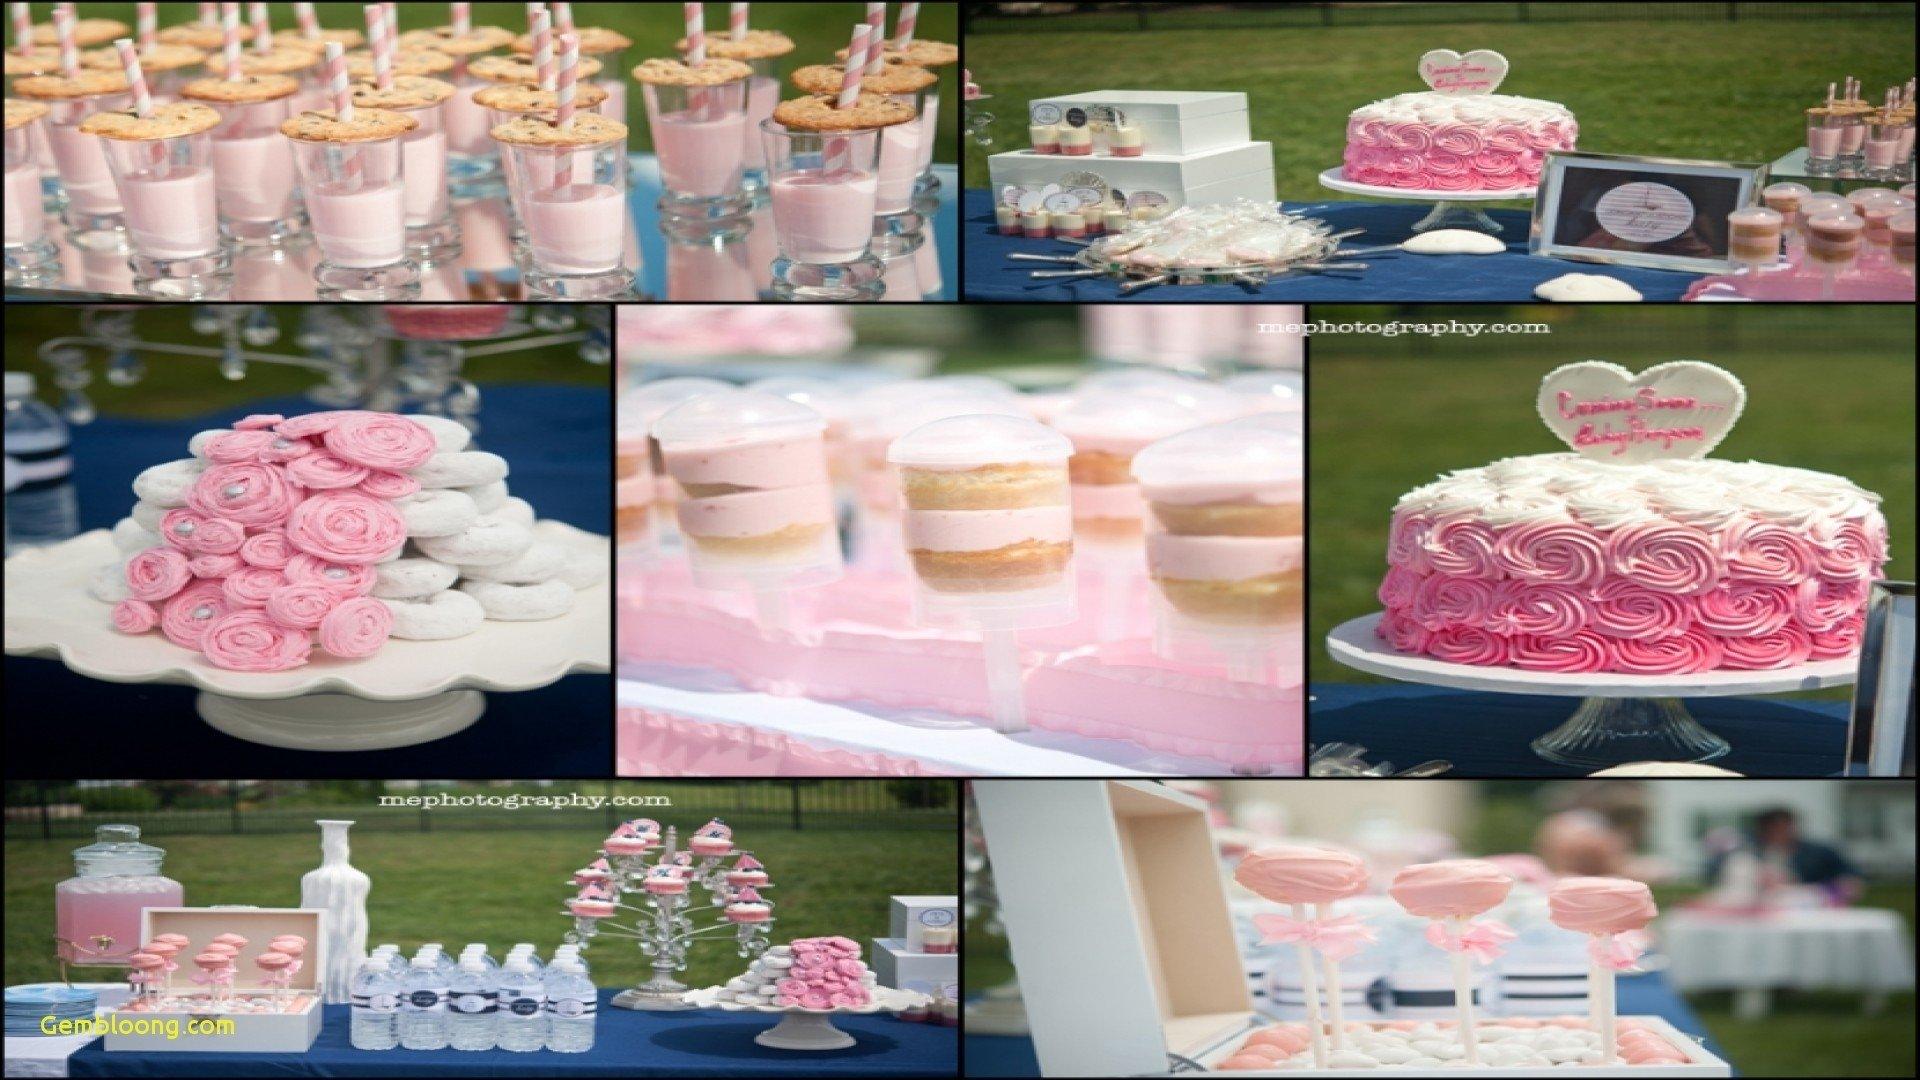 10 Ideal Baby Shower Ideas On Pinterest girl baby shower ideas pinterest pinterest ba shower ideas girl